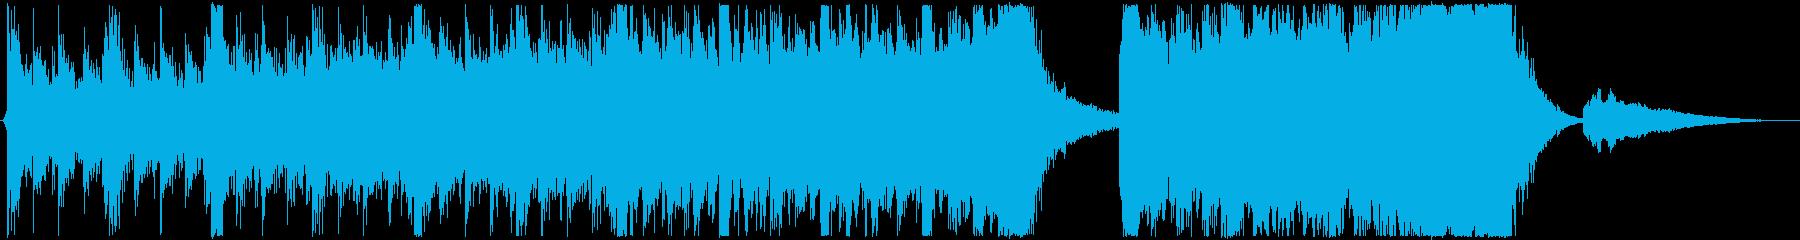 シネマティック センチメンタル ア...の再生済みの波形